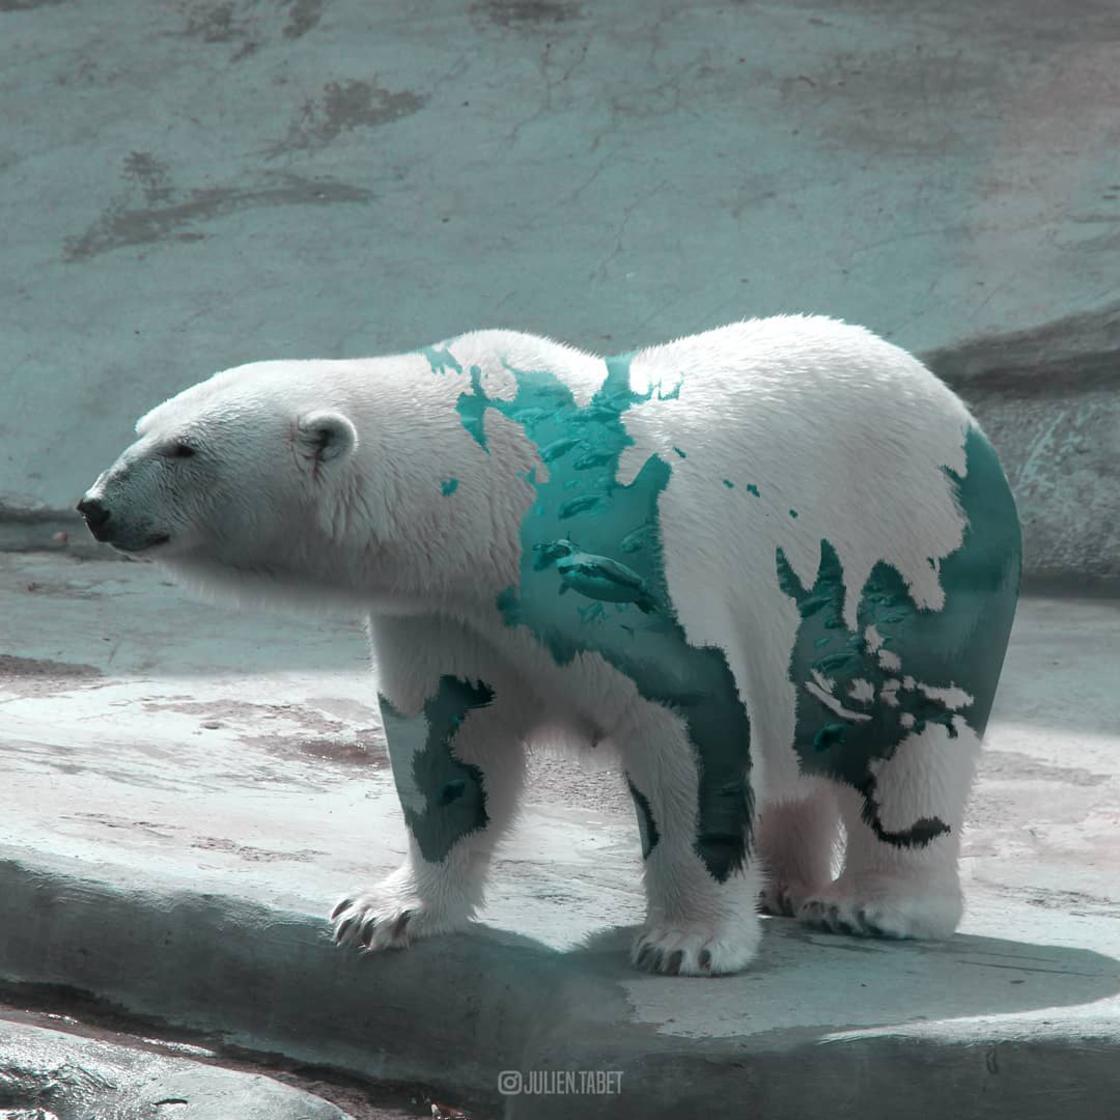 animaux-fantastiques-julien-tabet-10.jpg